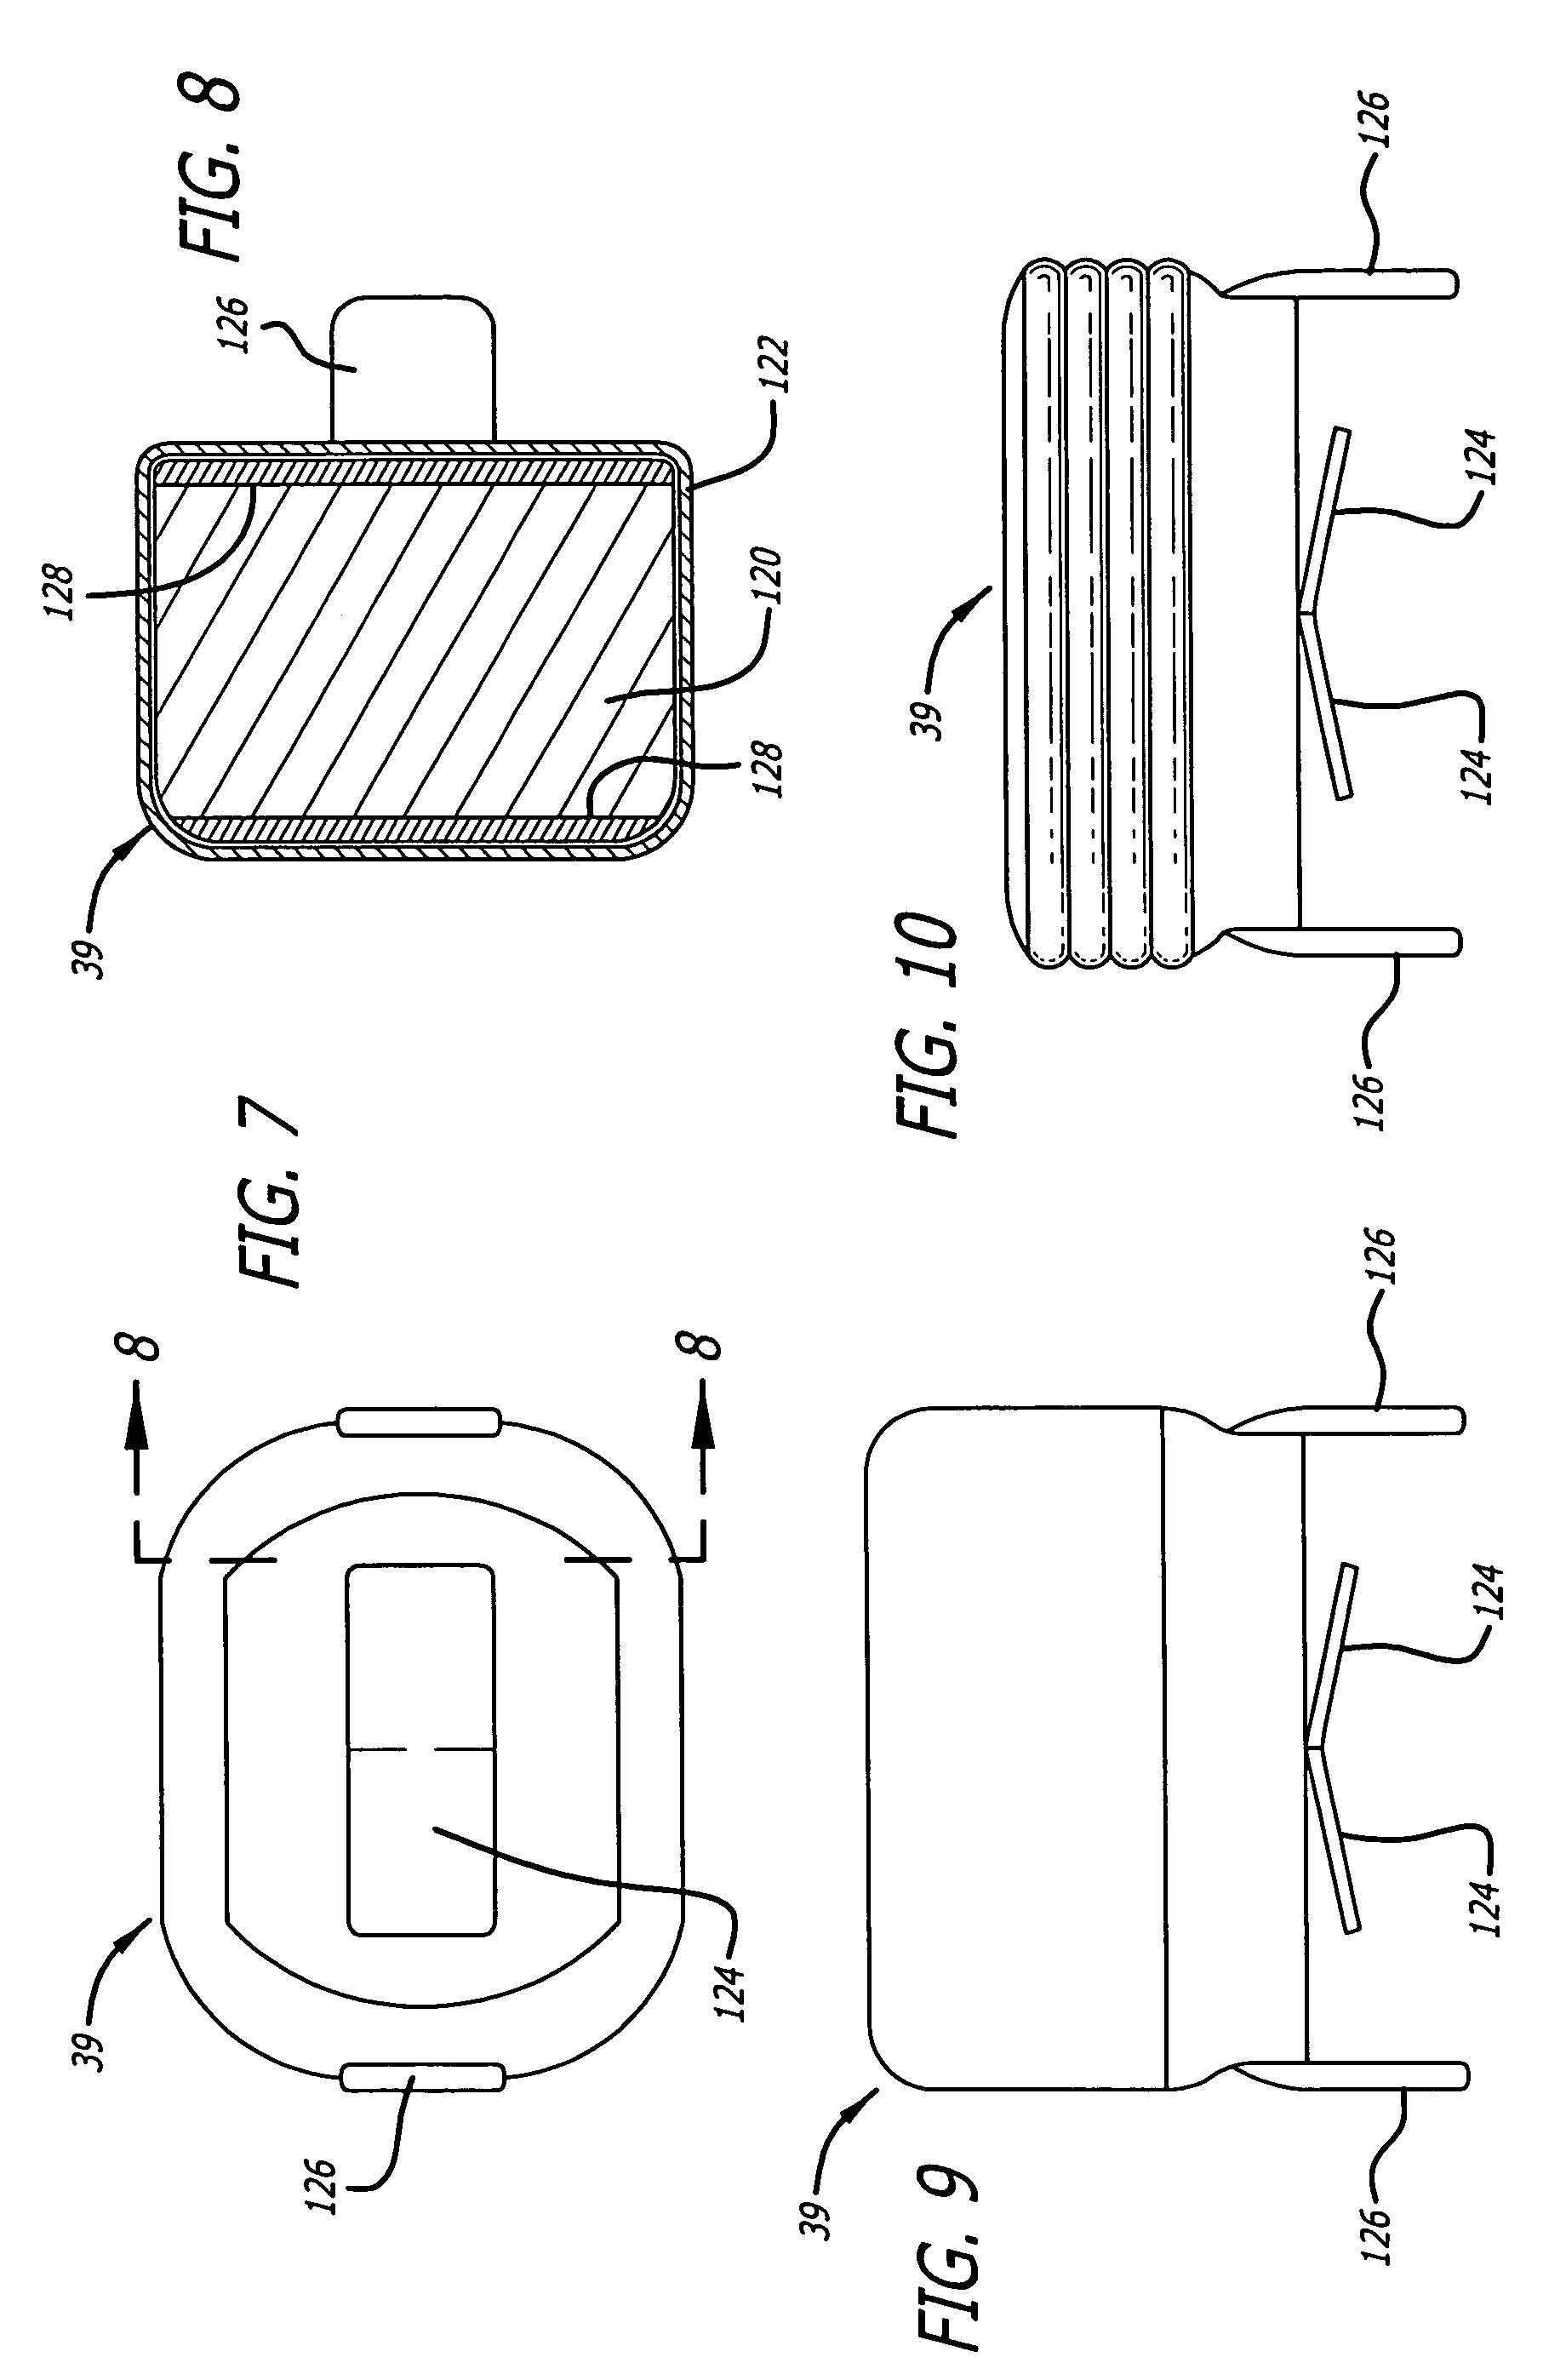 harley sportster wiring diagram further custom harley wiring diagrams